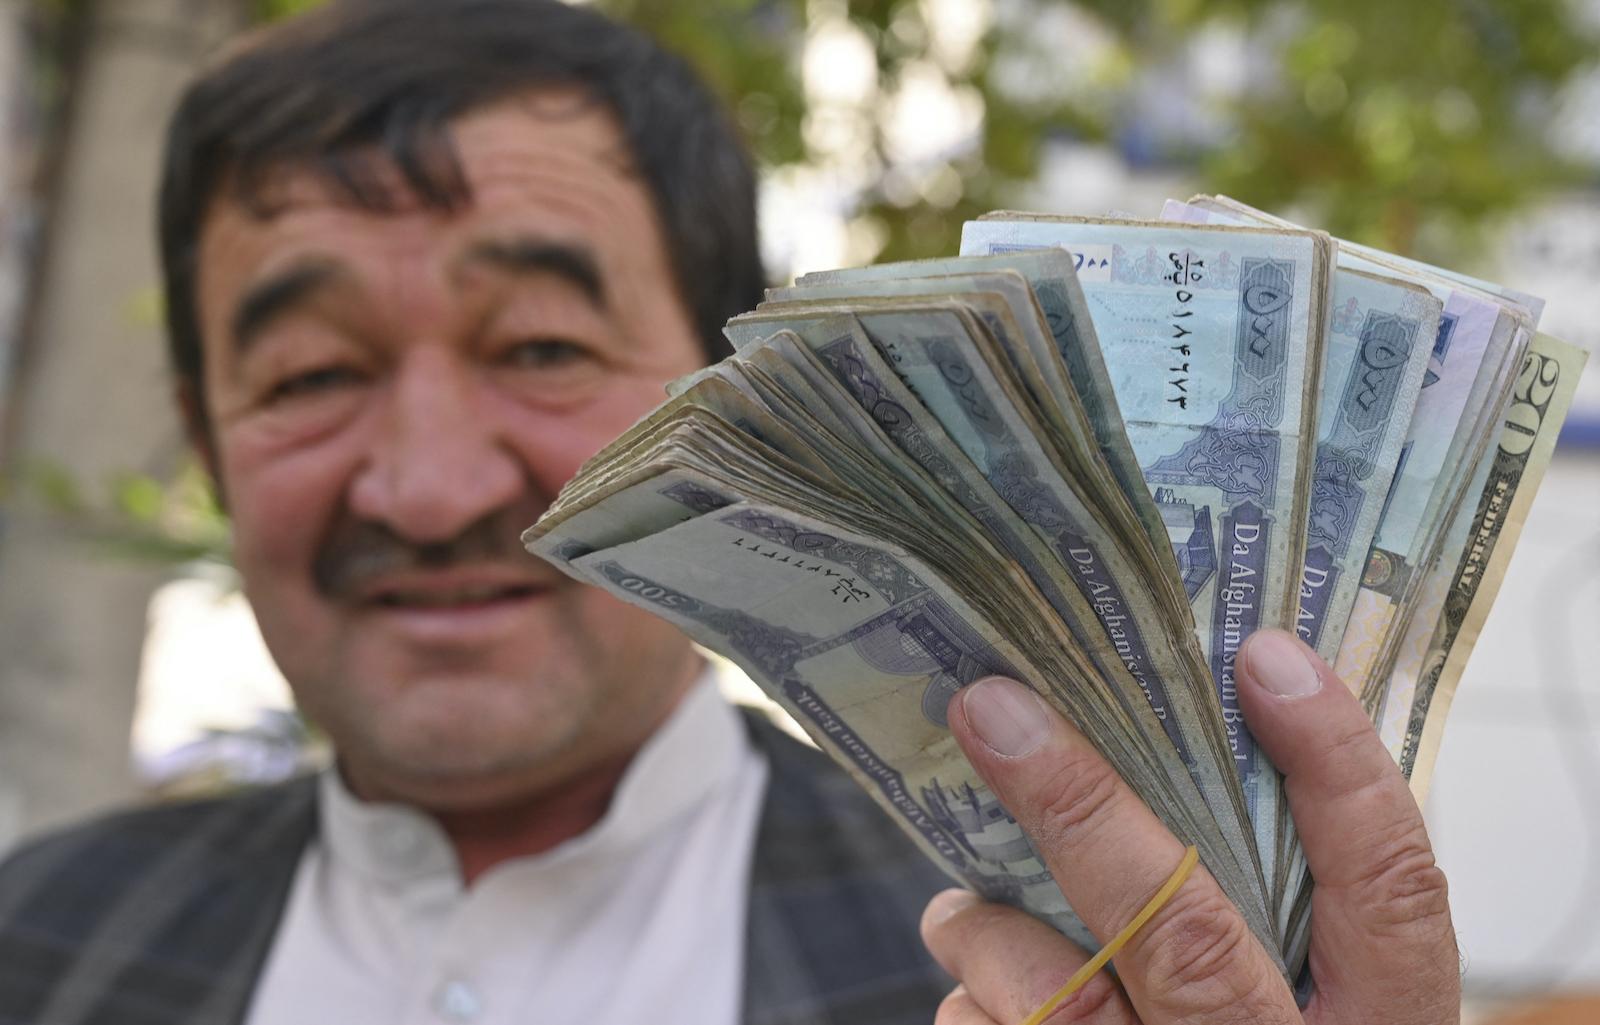 30 年 2021 月 XNUMX 日,一名货币兑换商在喀布尔的一条街道上展示阿富汗阿富汗尼钞票。照片:AFP/Adel Berry